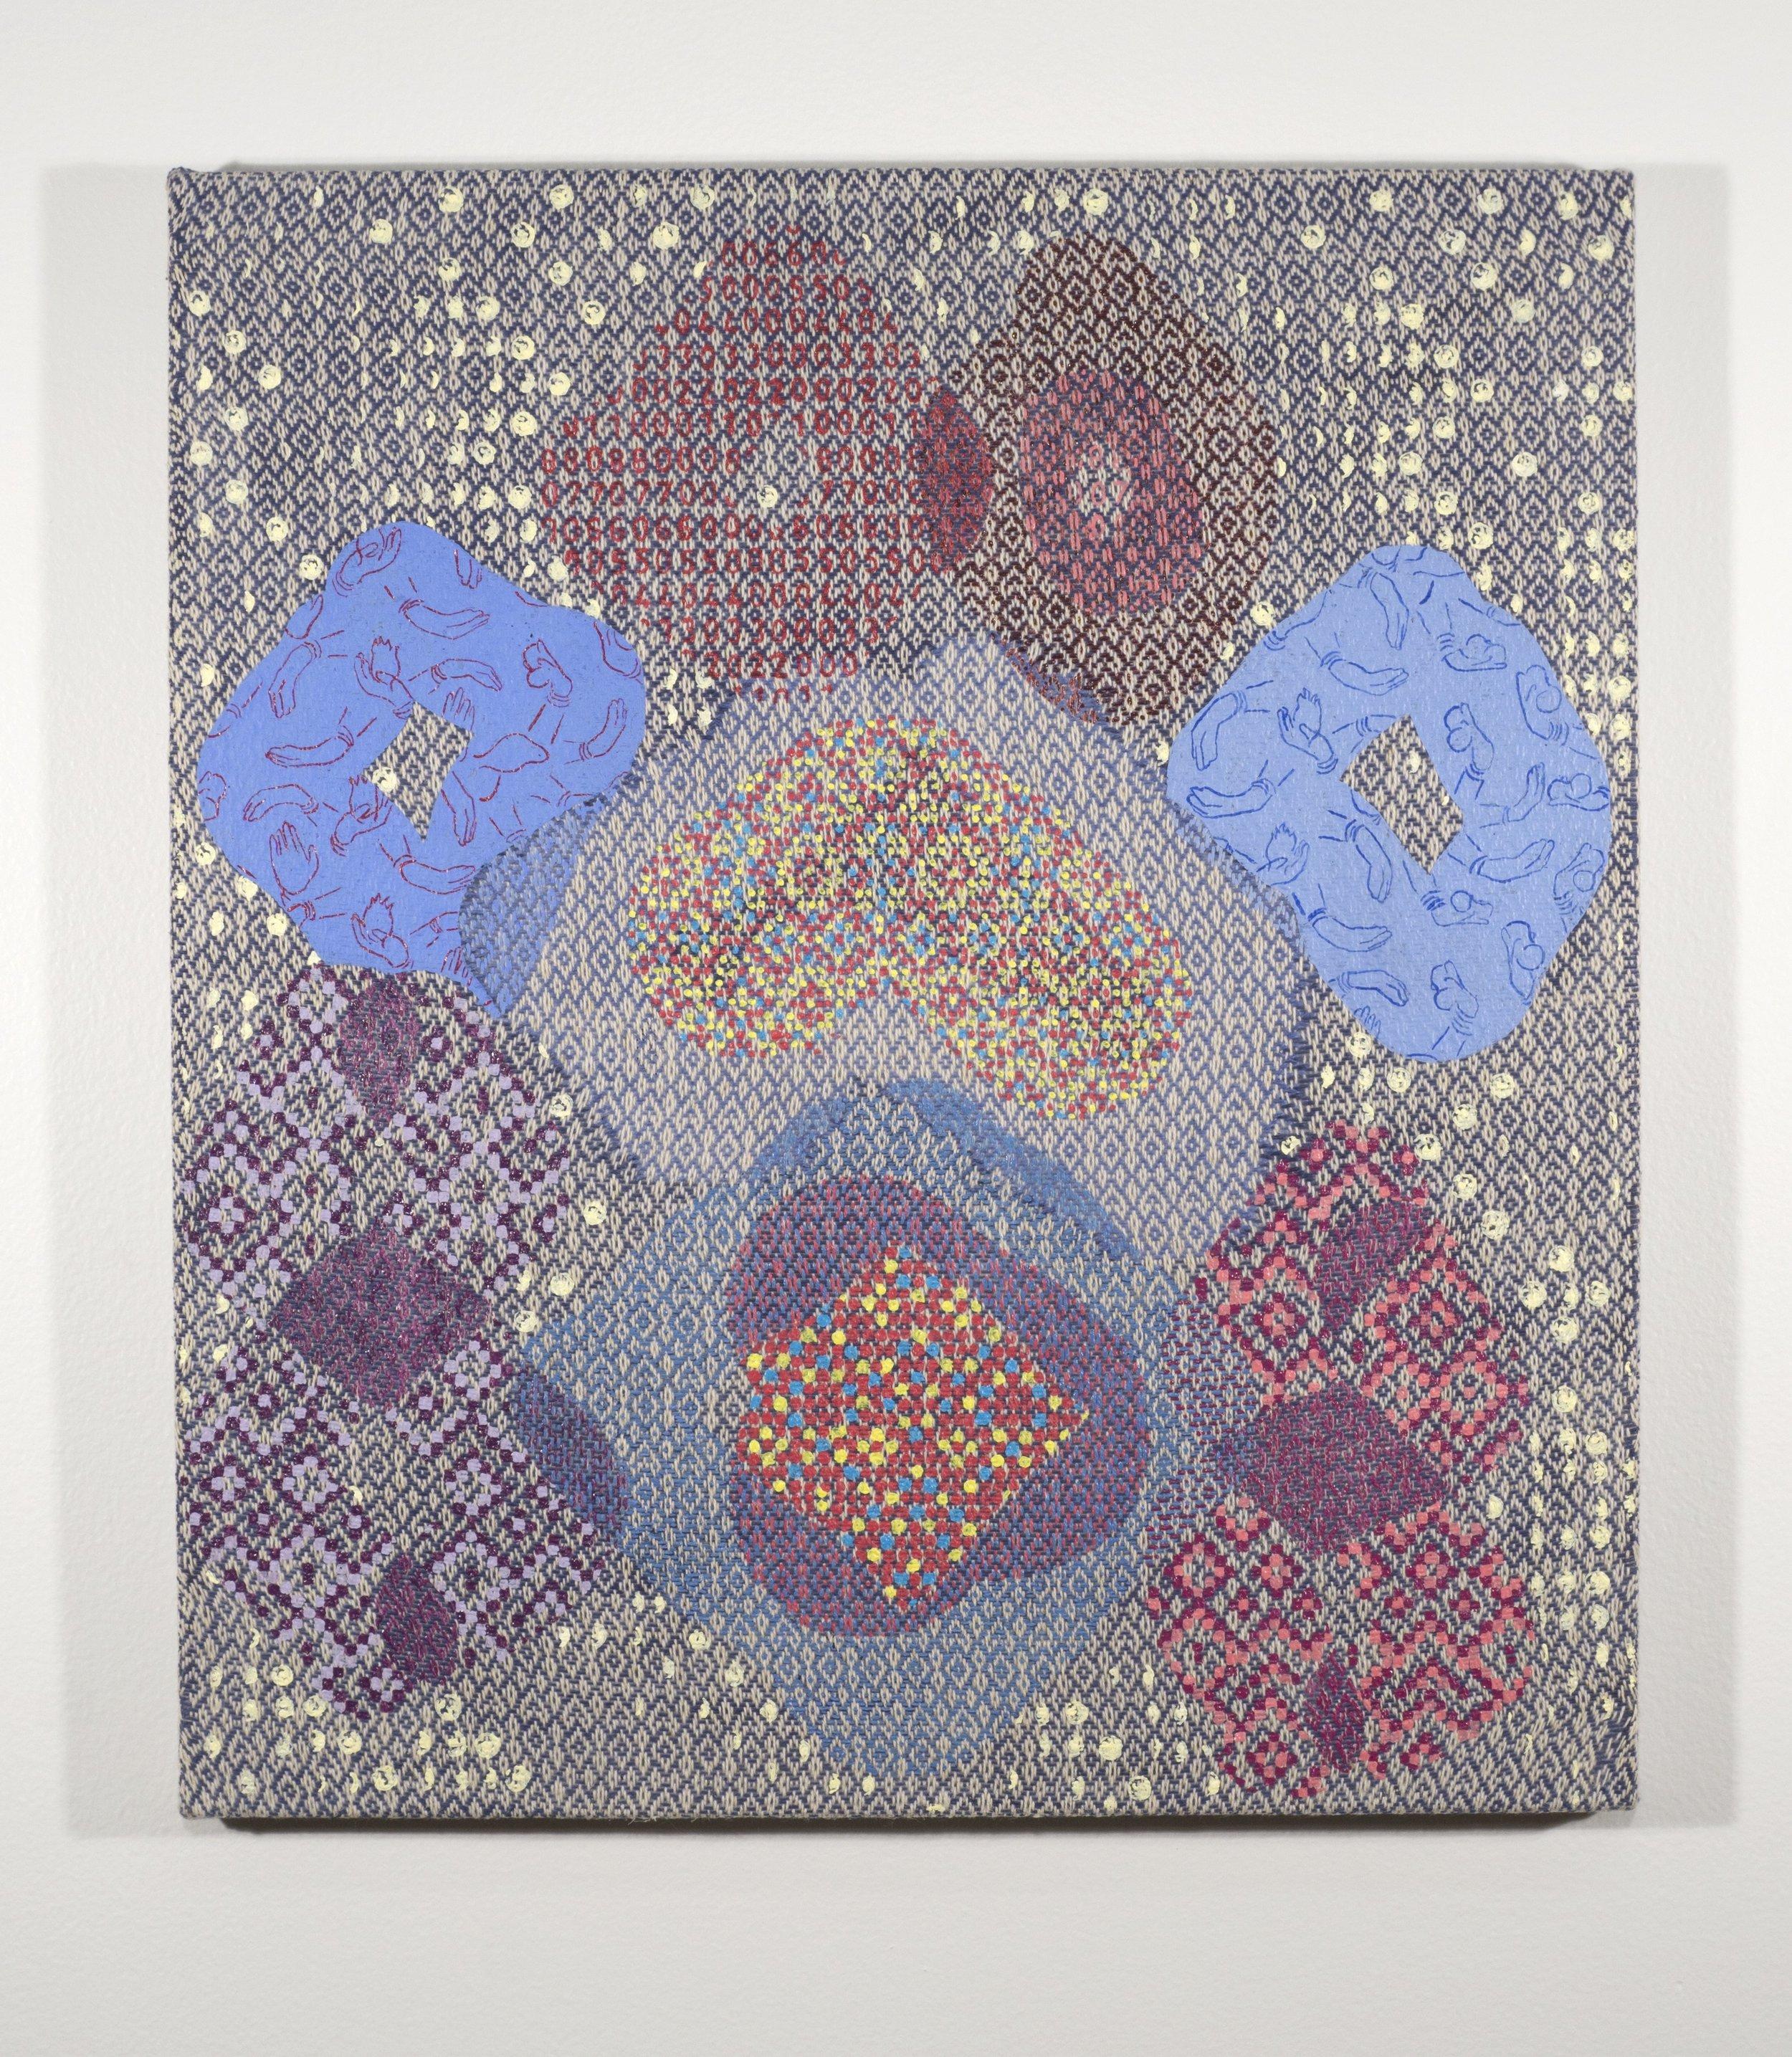 Mark Barrow & Sarah Parke  Ouroboros , 2018 Acrylic on Hand-Loomed linen 18 × 16 inches (45.72 × 40.64 cm)